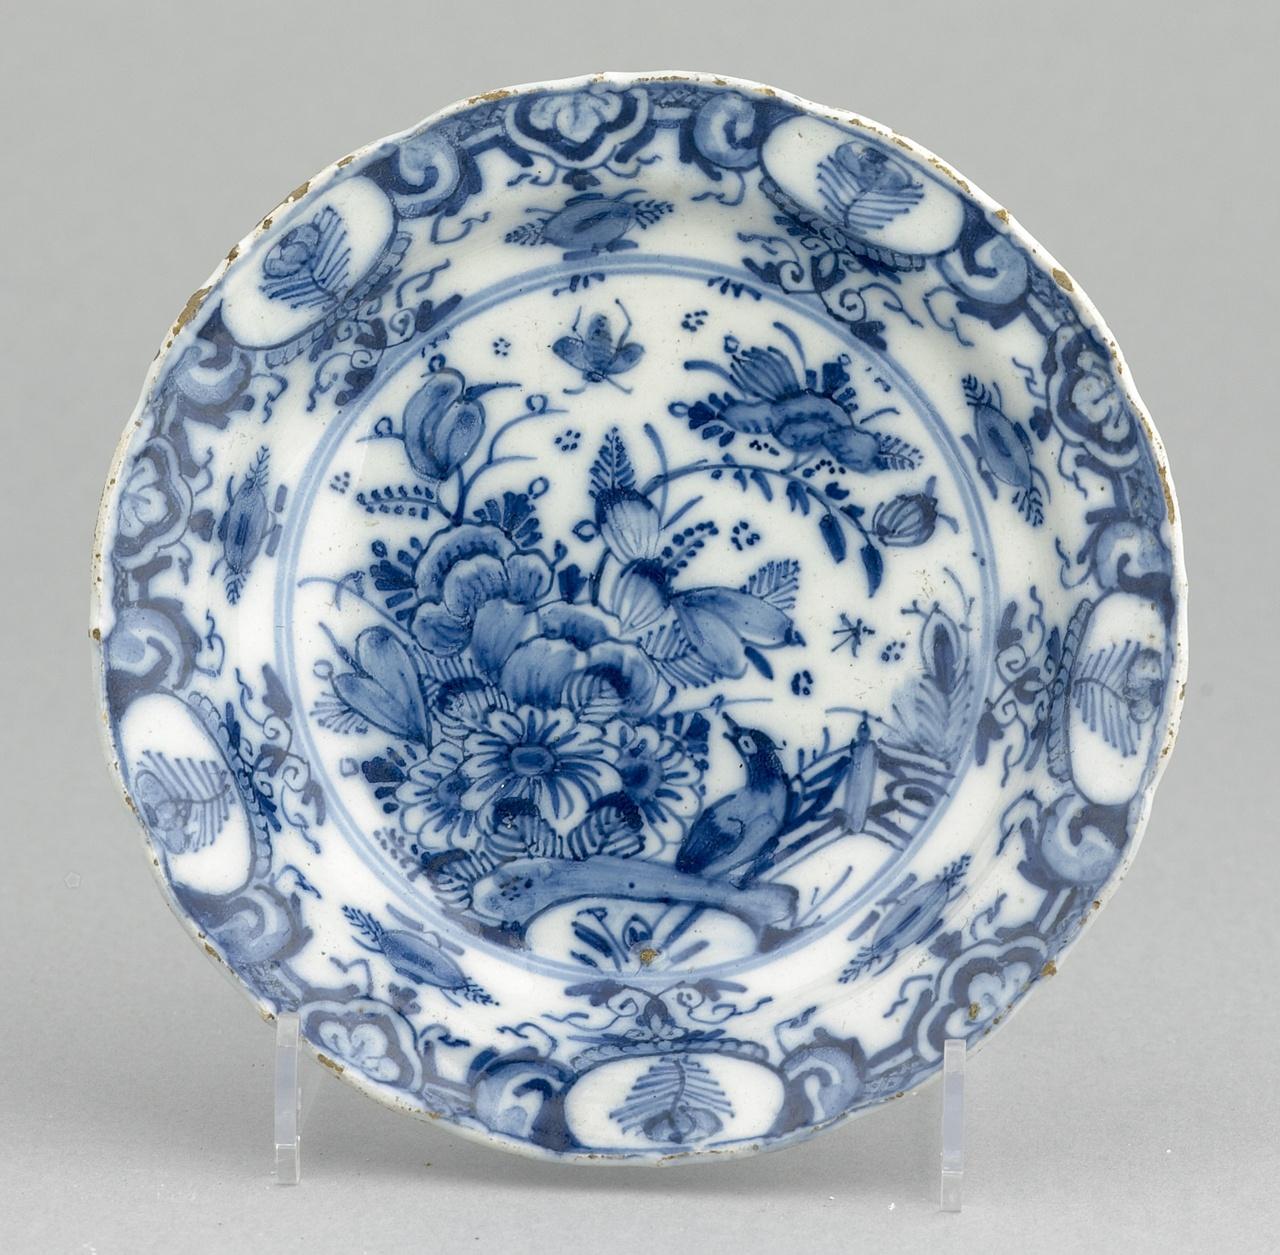 Bordje met florale motieven in onderglazuur blauw